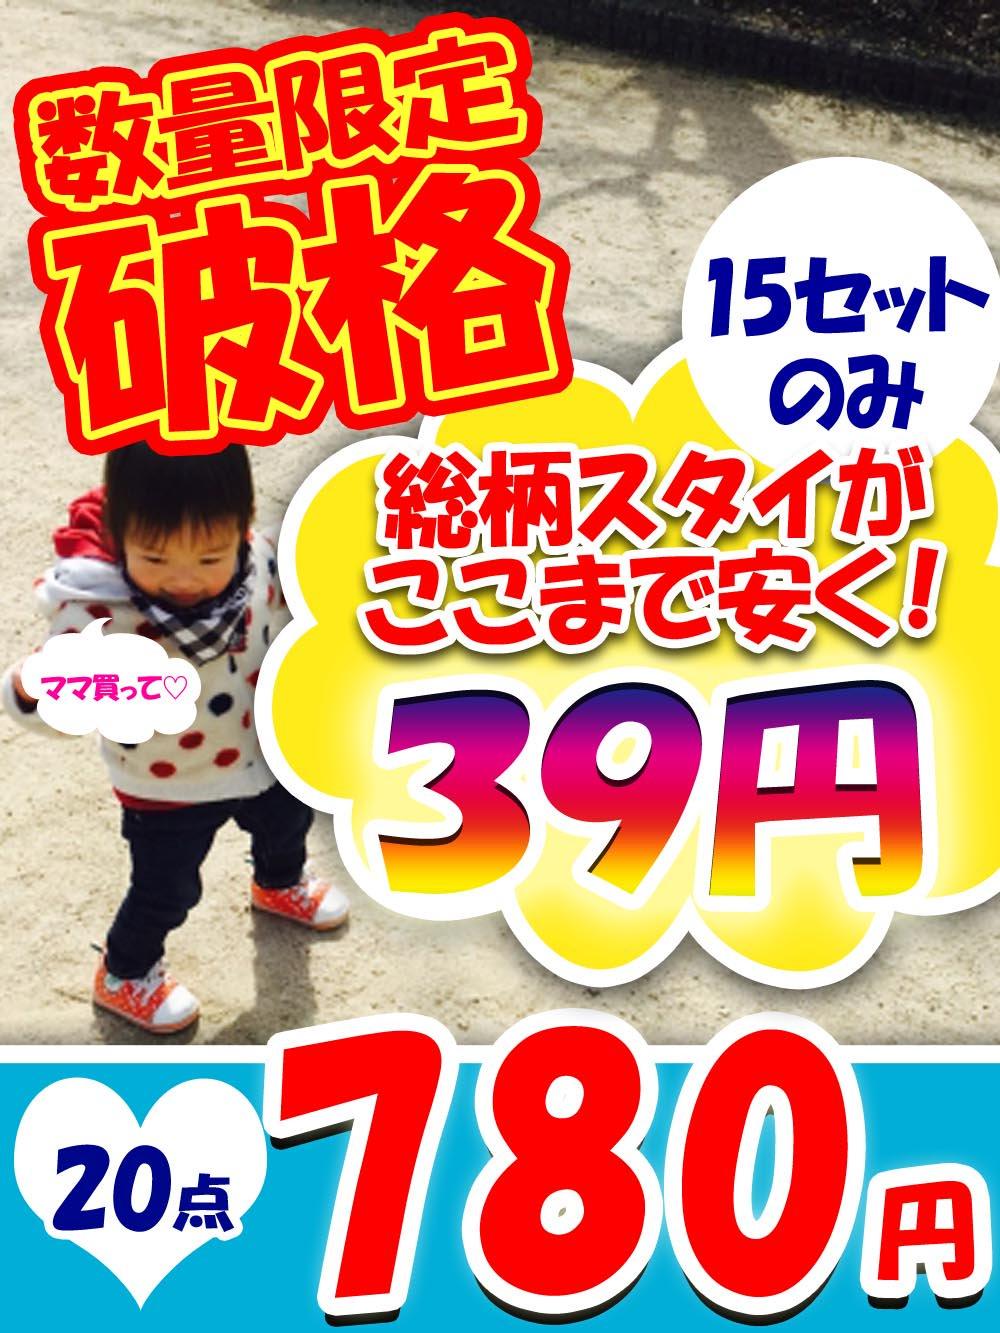 【数量限定破格】総柄スタイがここまで安く!39円!【20点】